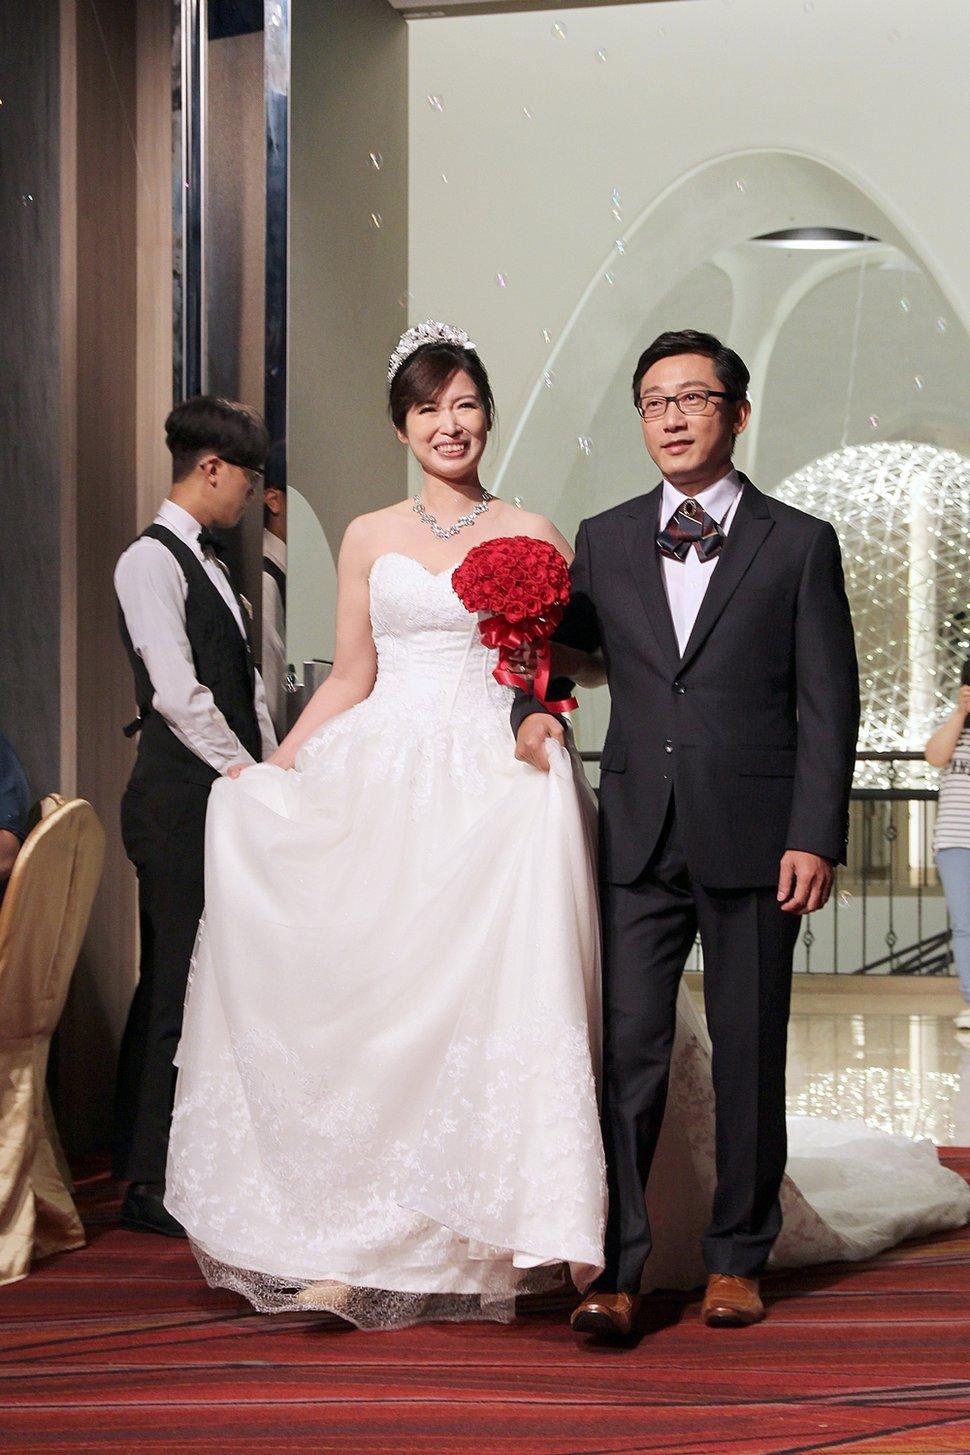 雅鈴&文偉(單午宴)(編號:431179) - 瑞比特婚禮紀錄攝影 - 結婚吧一站式婚禮服務平台